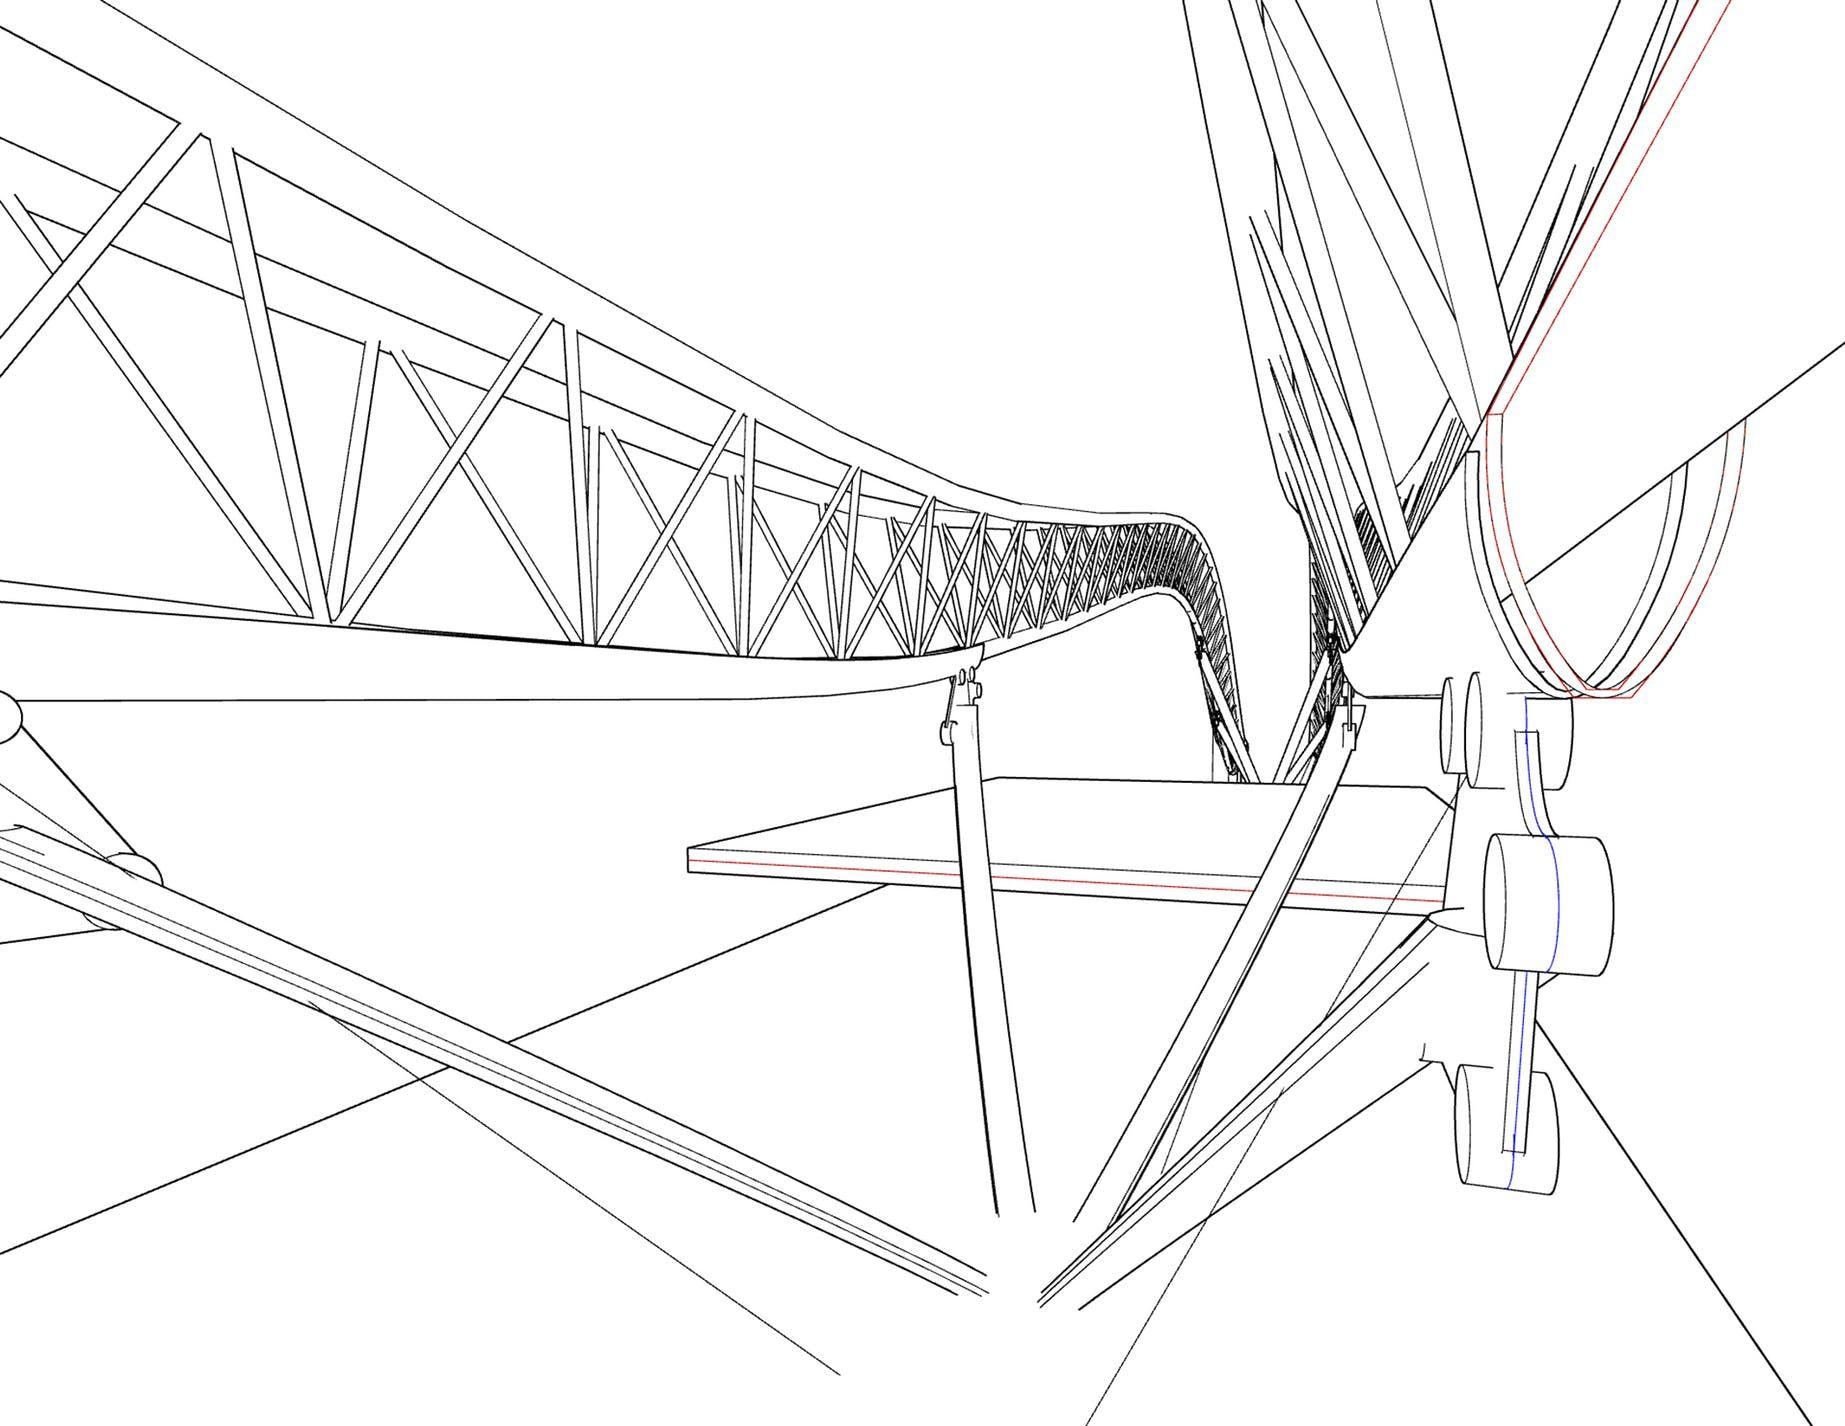 1845x1426 Kansai International Airport Structural Case Study John W